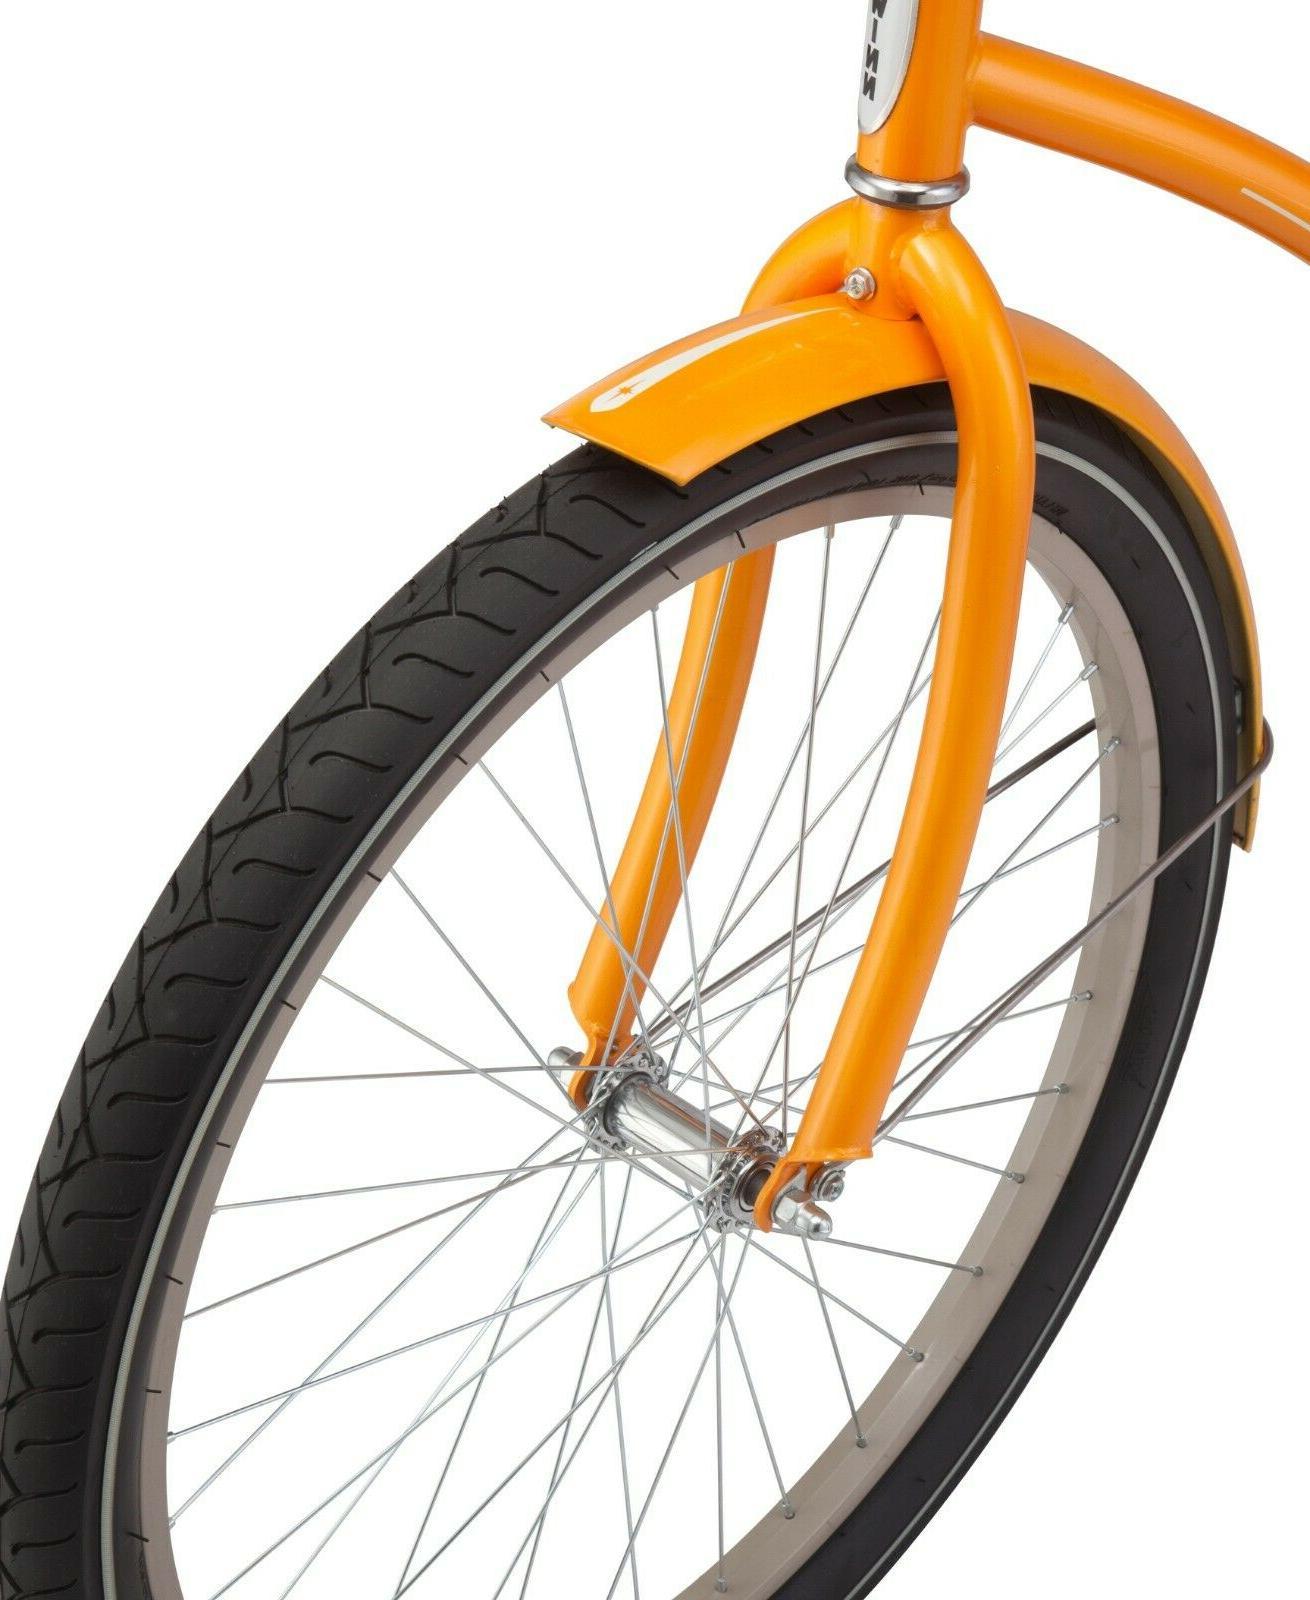 NEW 26-inch Frame Cruiser Bike-Orange